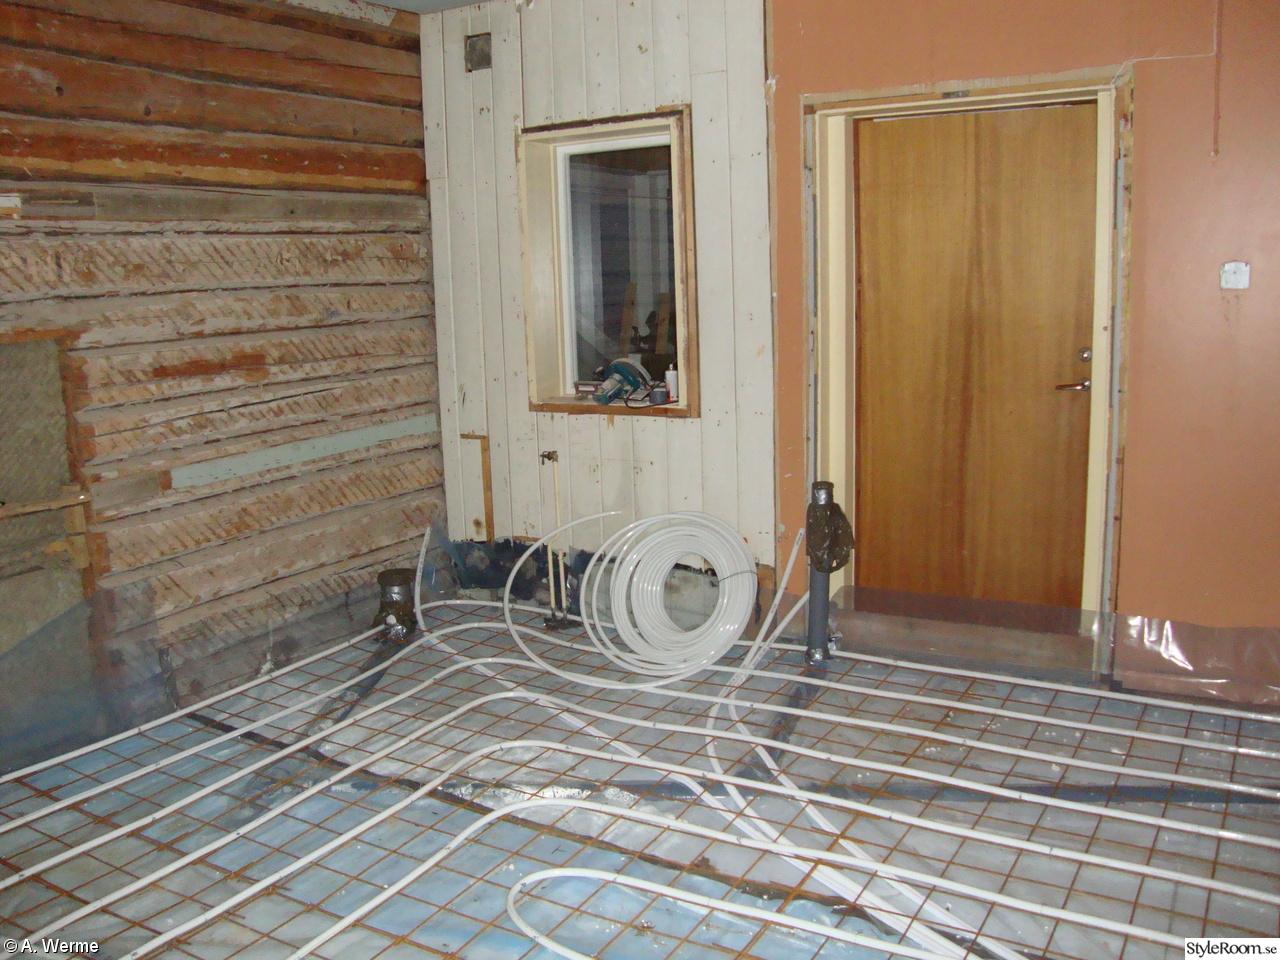 Bild på värmeslingor   renoveringsobjektet! av ricke